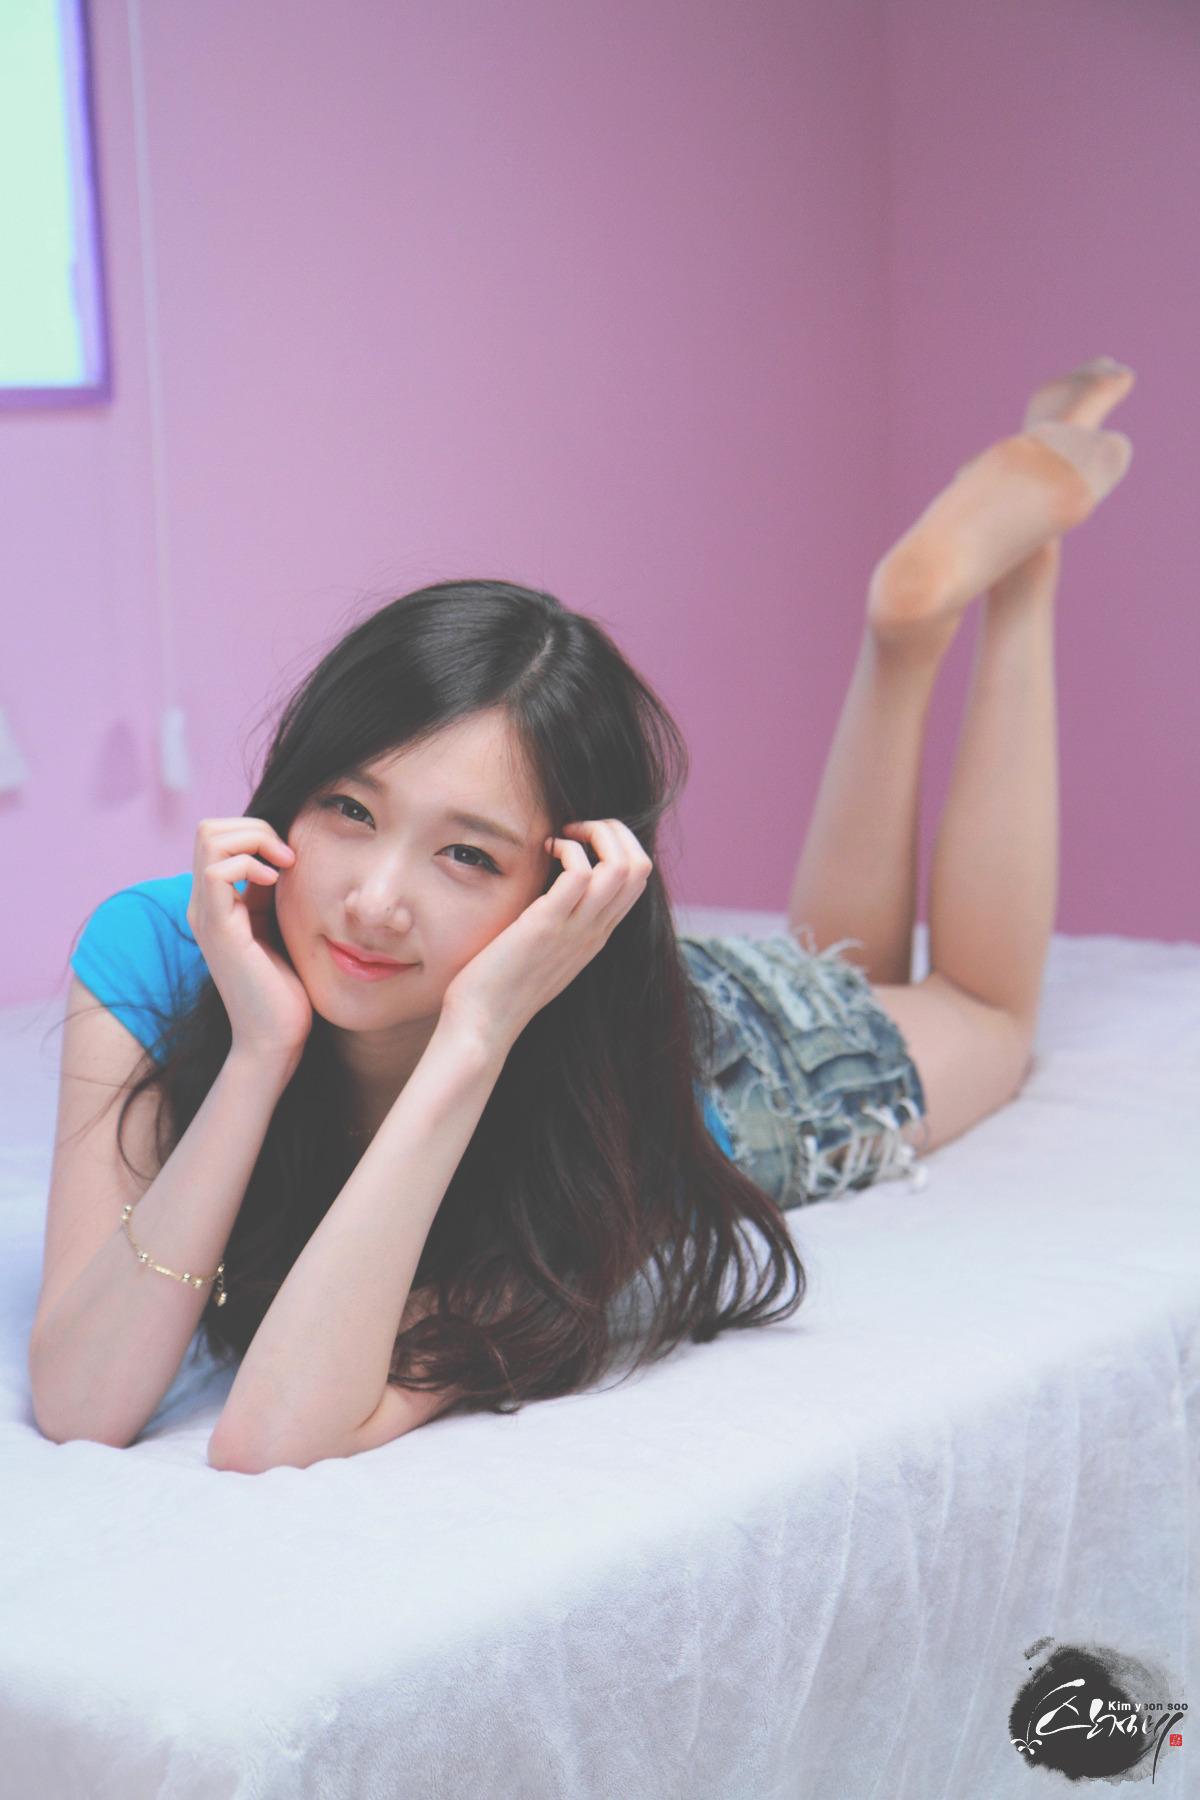 2447994C534697E12701FA - Xiuren Sex Pictures